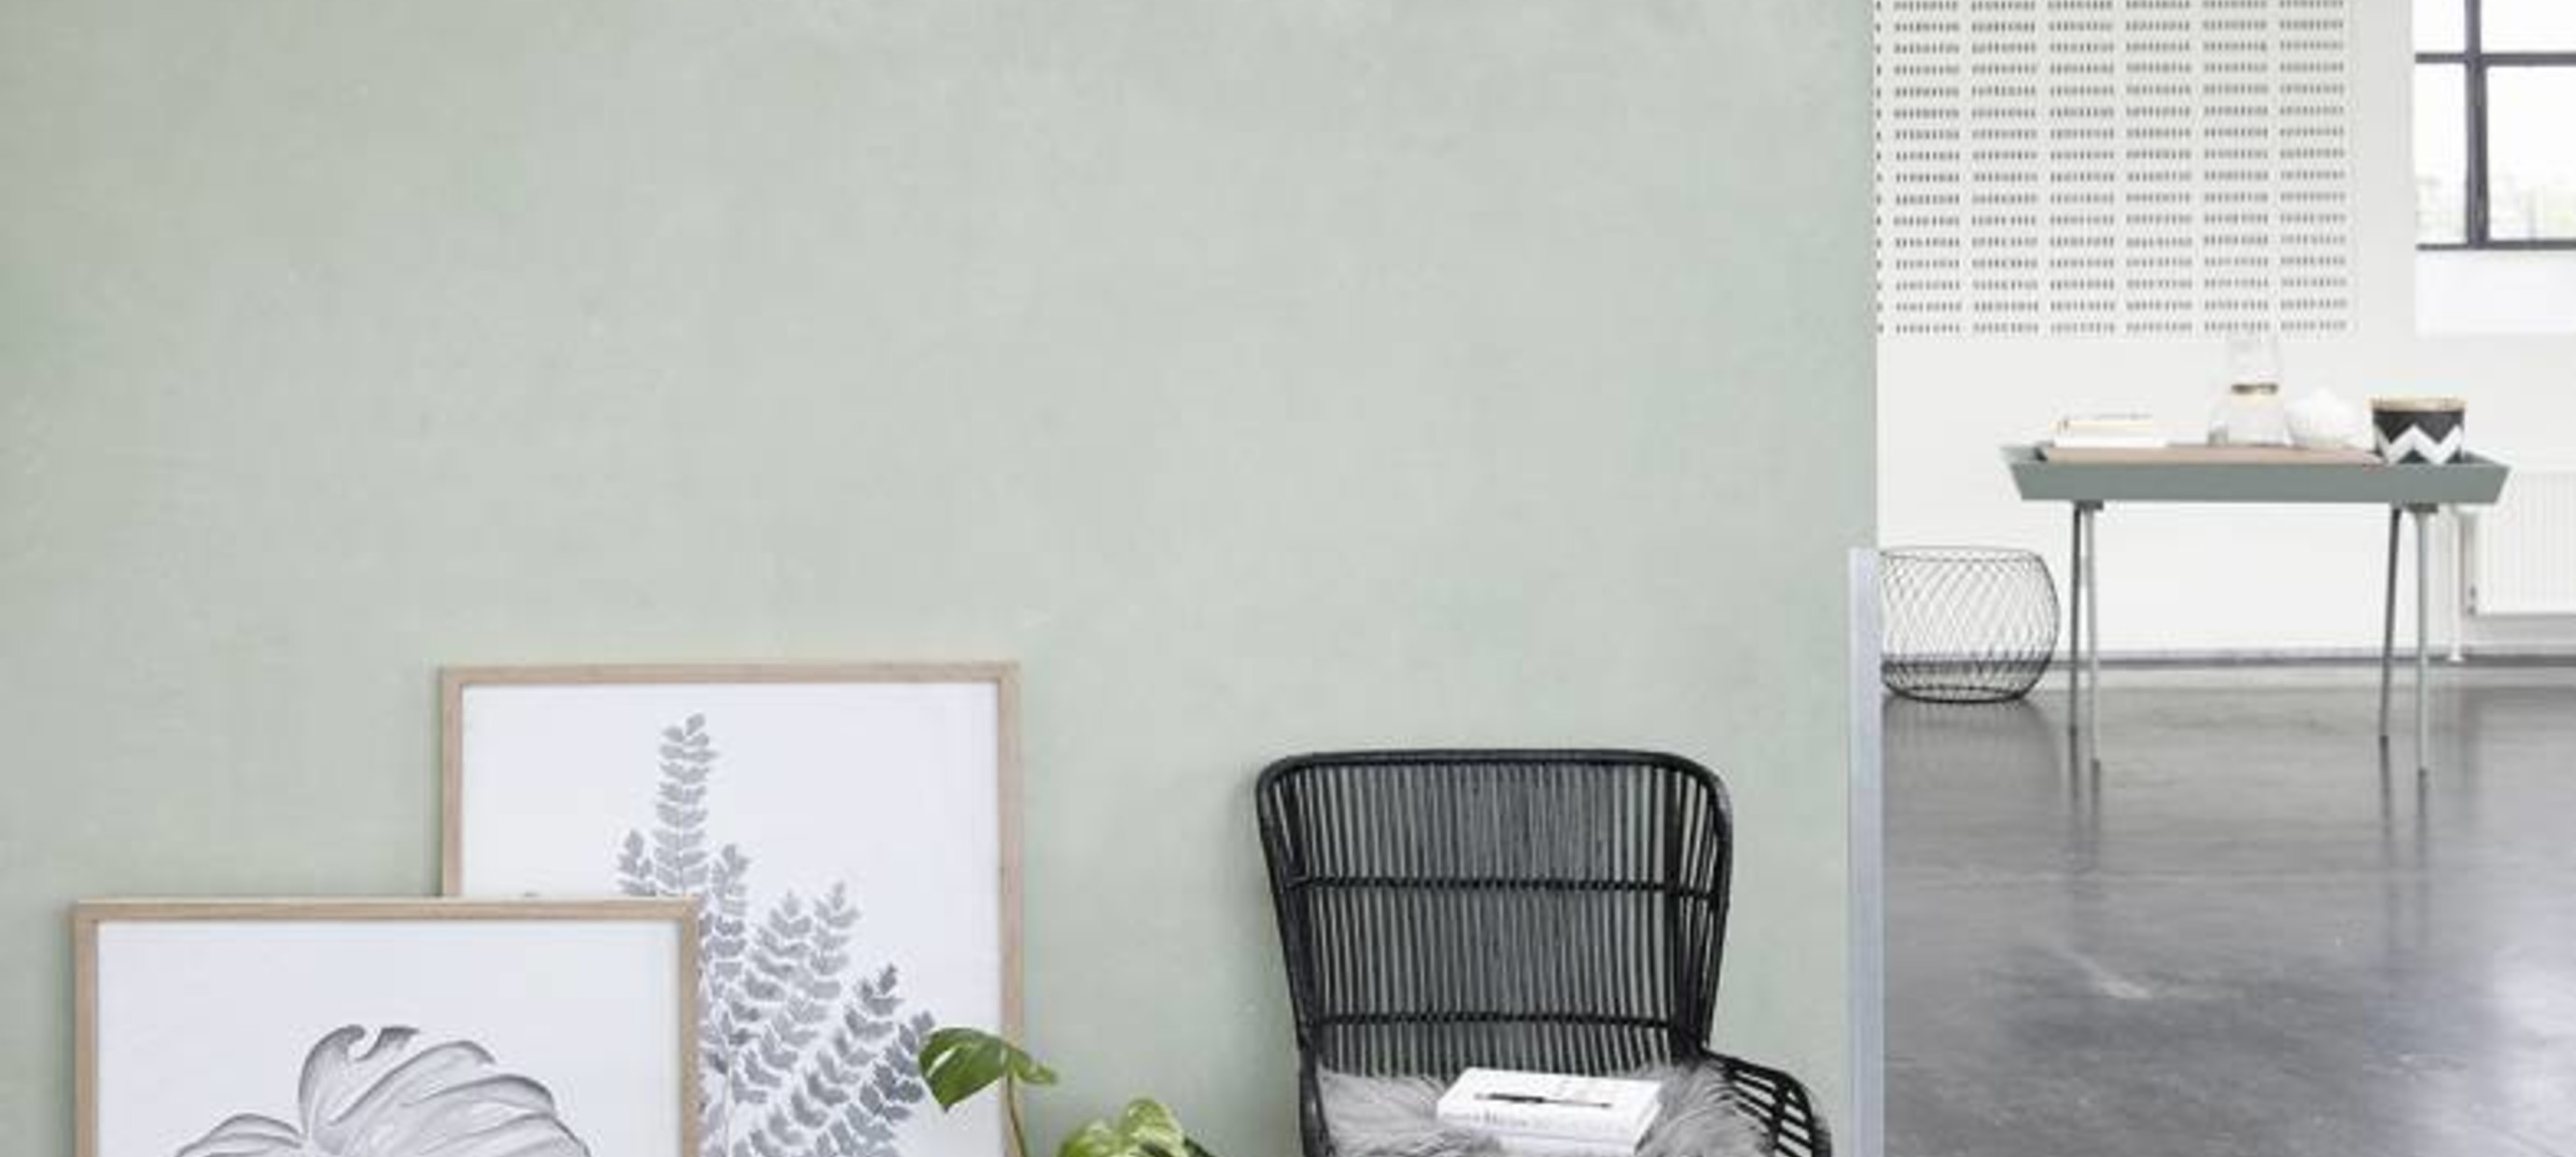 Design Stoel Kopen.Blog Design Stoel Kopen Lees Dit Eerst Winkel Voor Thuis